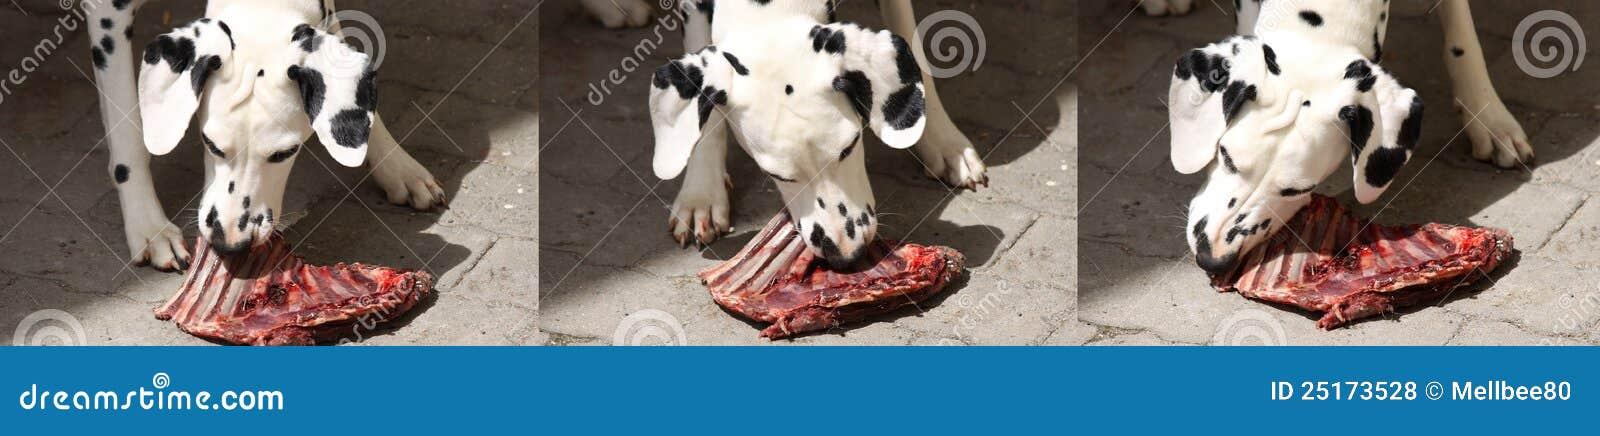 Dalmatian dog chewing on rib bone